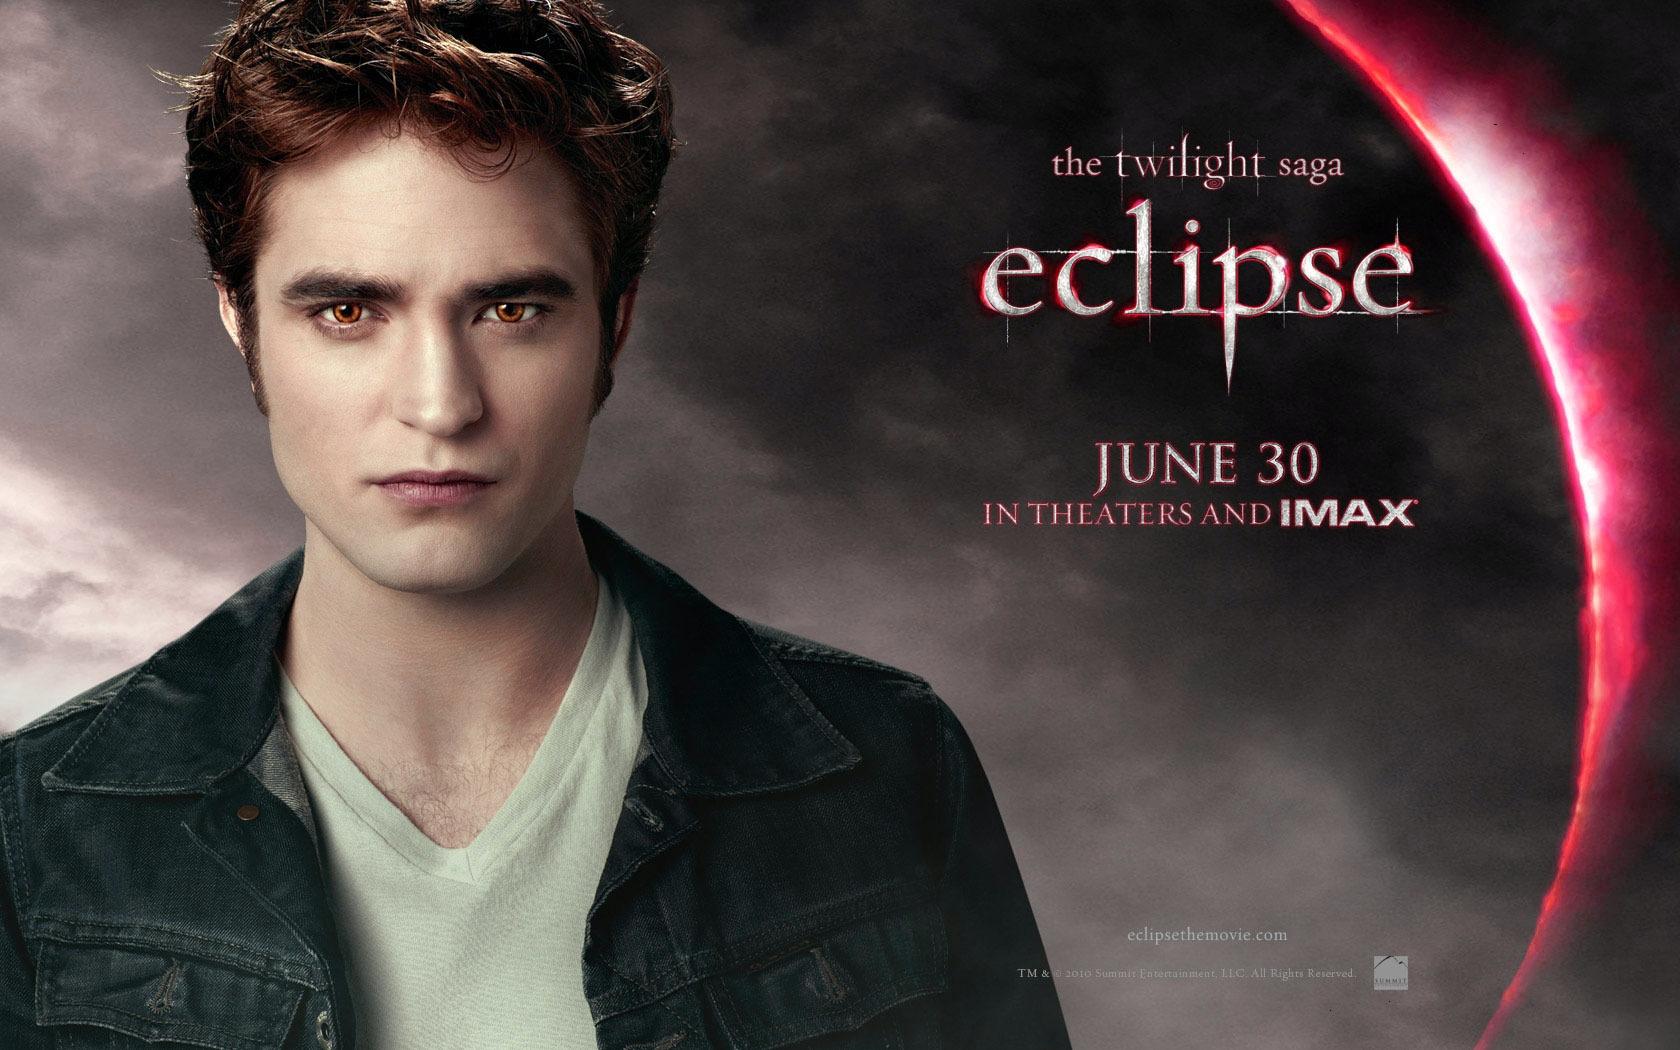 Всё-таки образ и грим эдварда-вампира в сумерках был самый правдоподобный на мой взгляд)) режиссер женщина